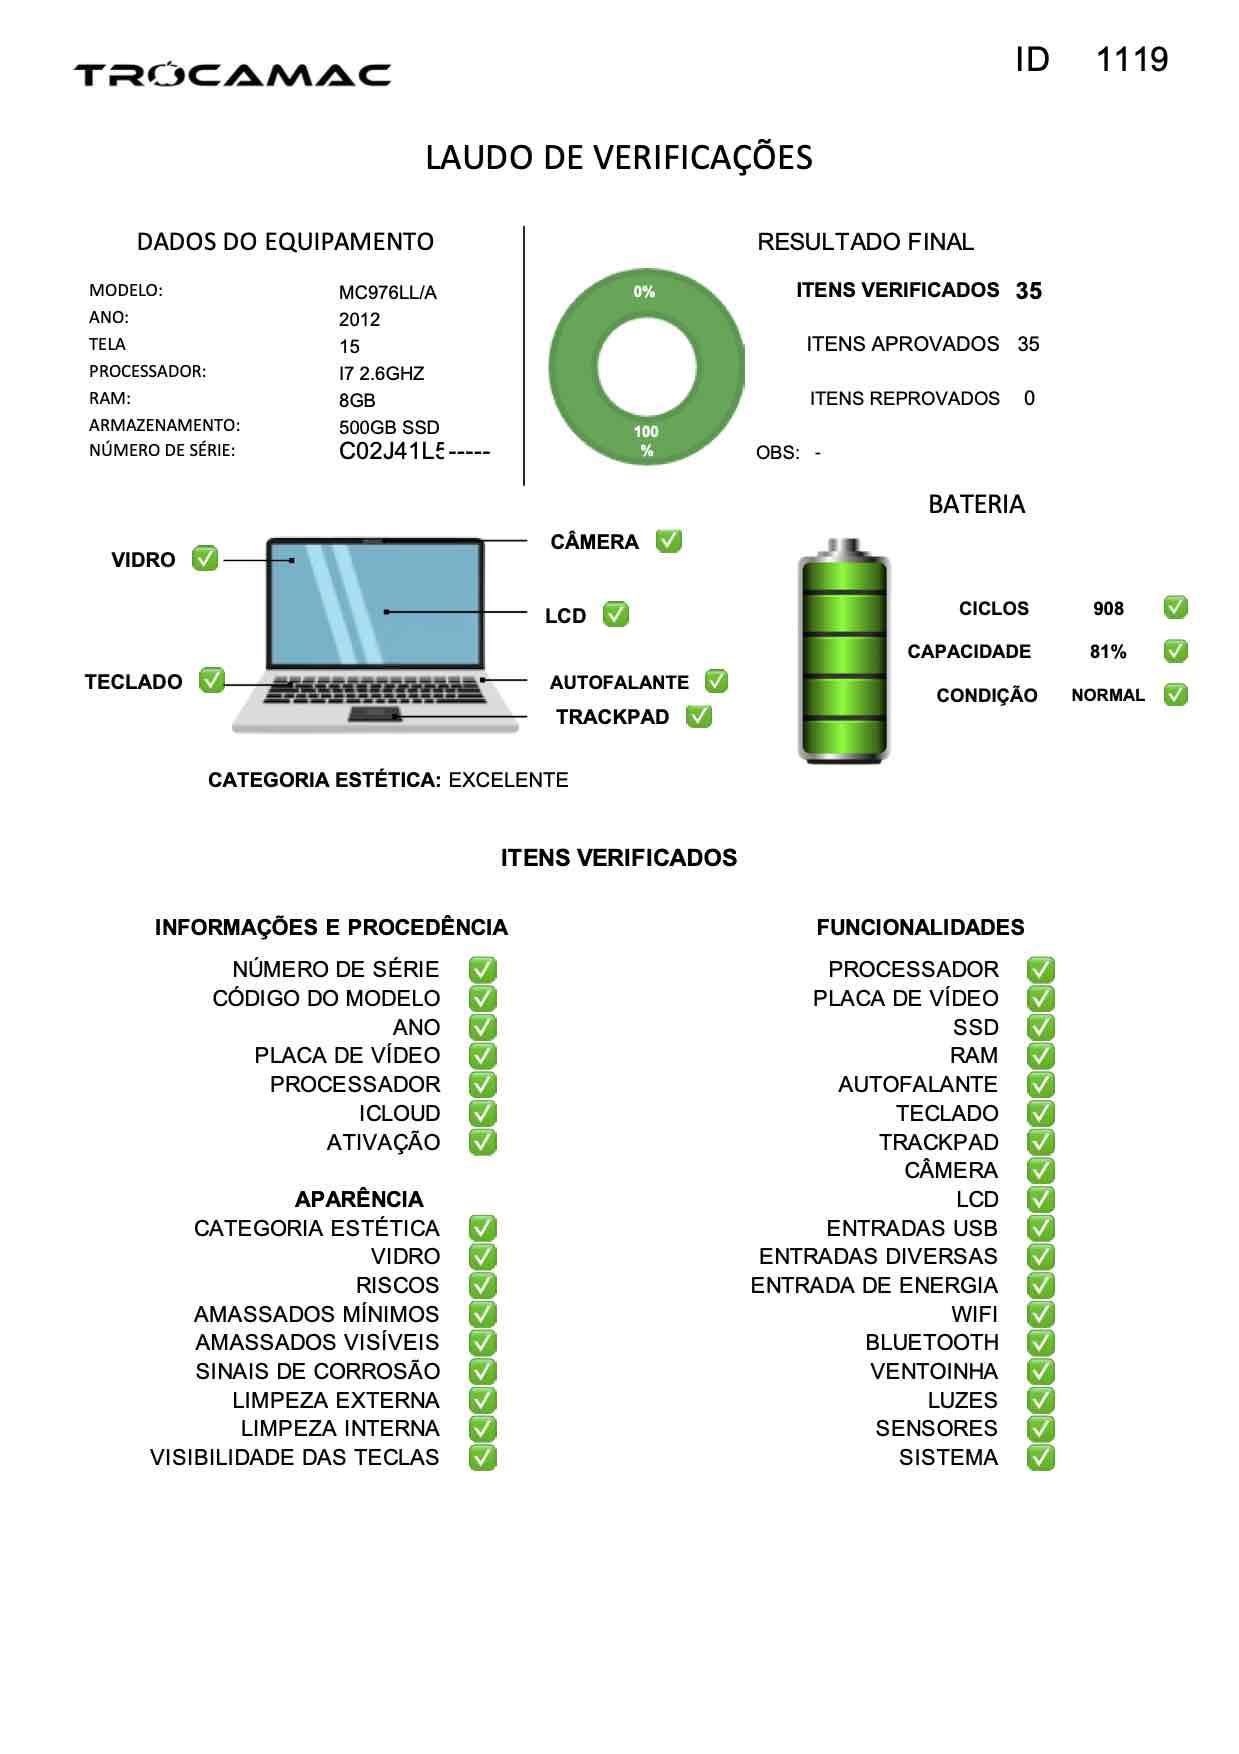 Macbook pro Retina 15 i7 2.6Ghz 8GB 512GB SSD MC976LL/A Seminovo